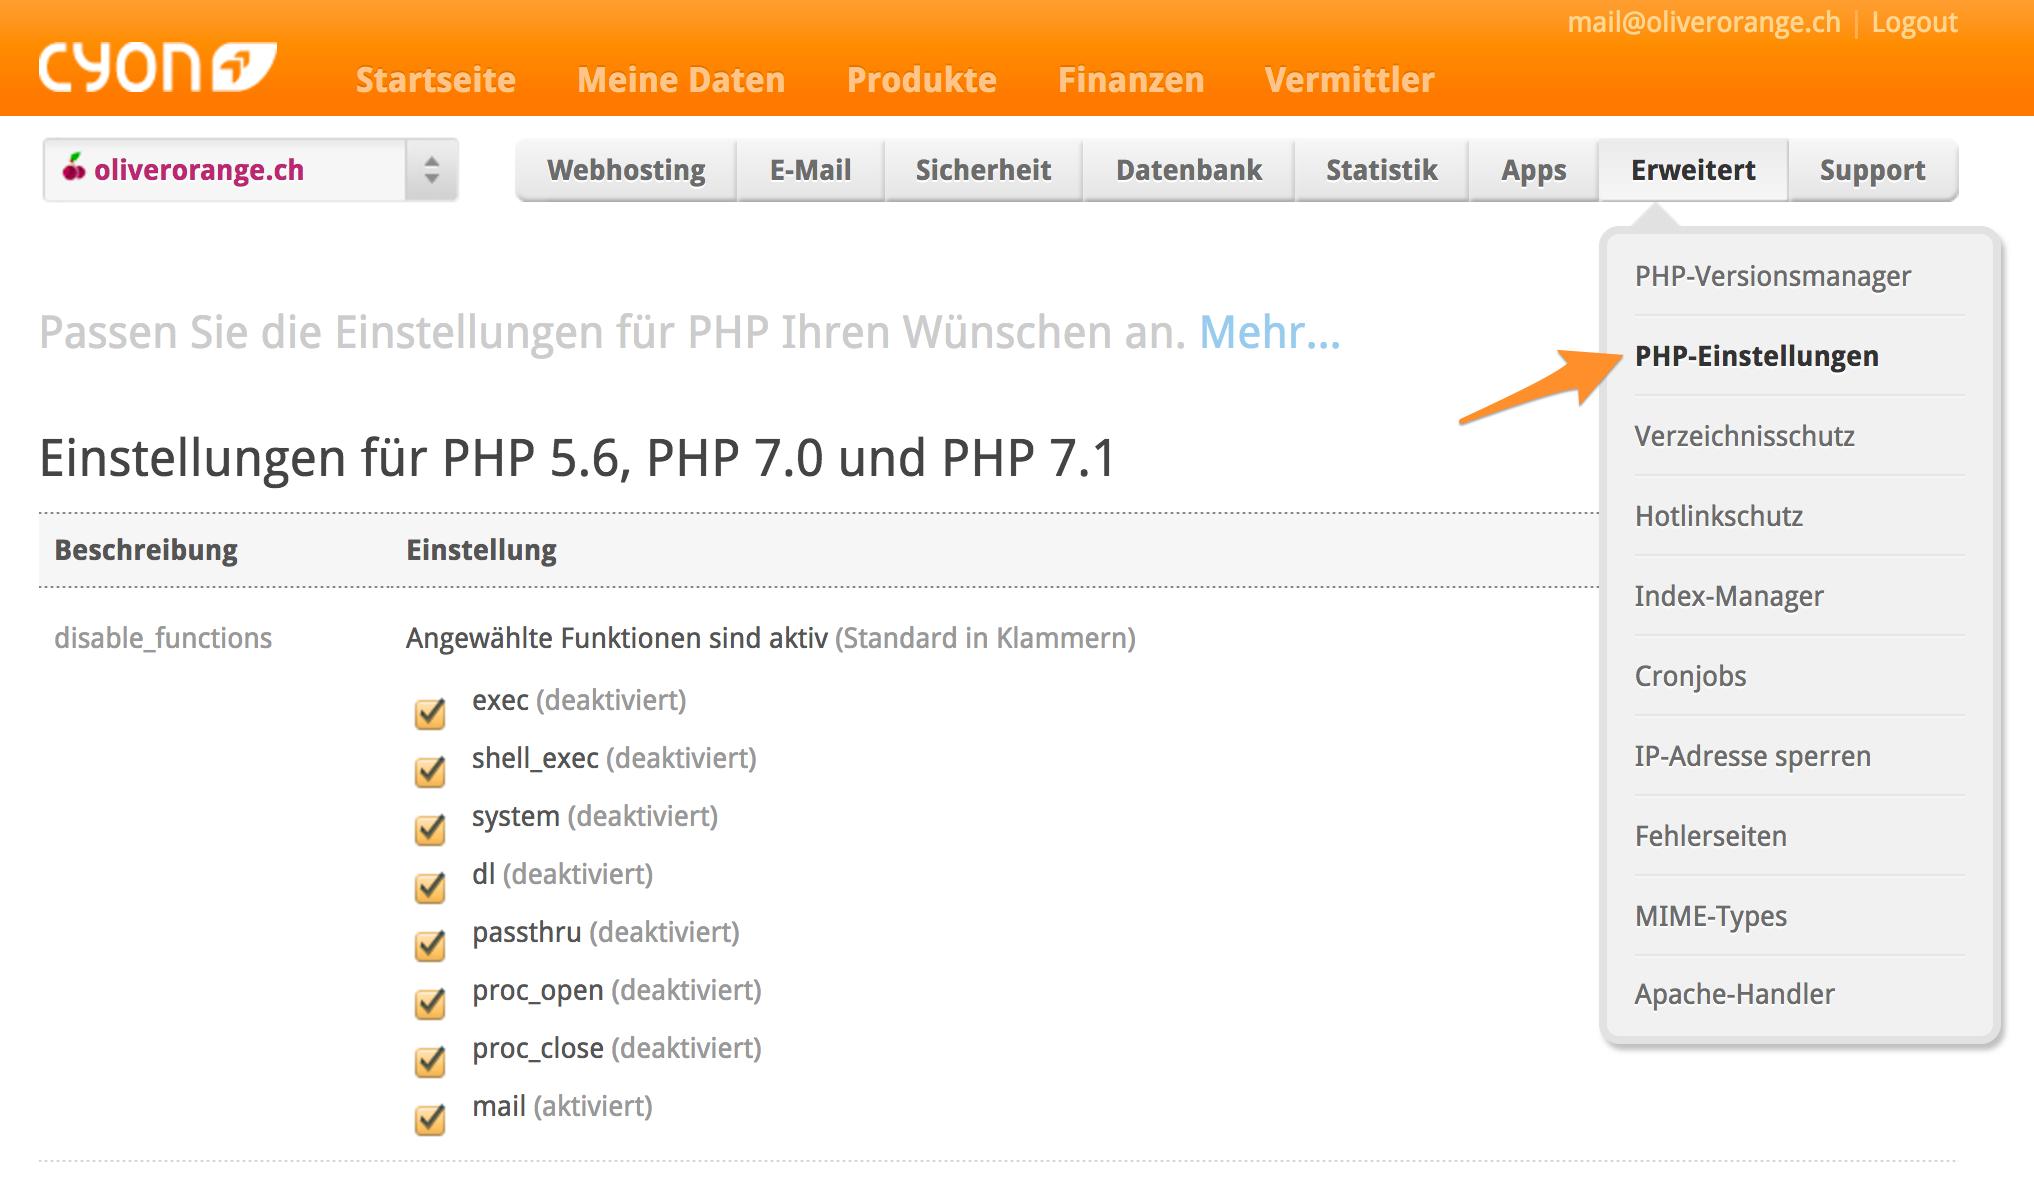 PHP-Einstellungen im my.cyon Anpassen